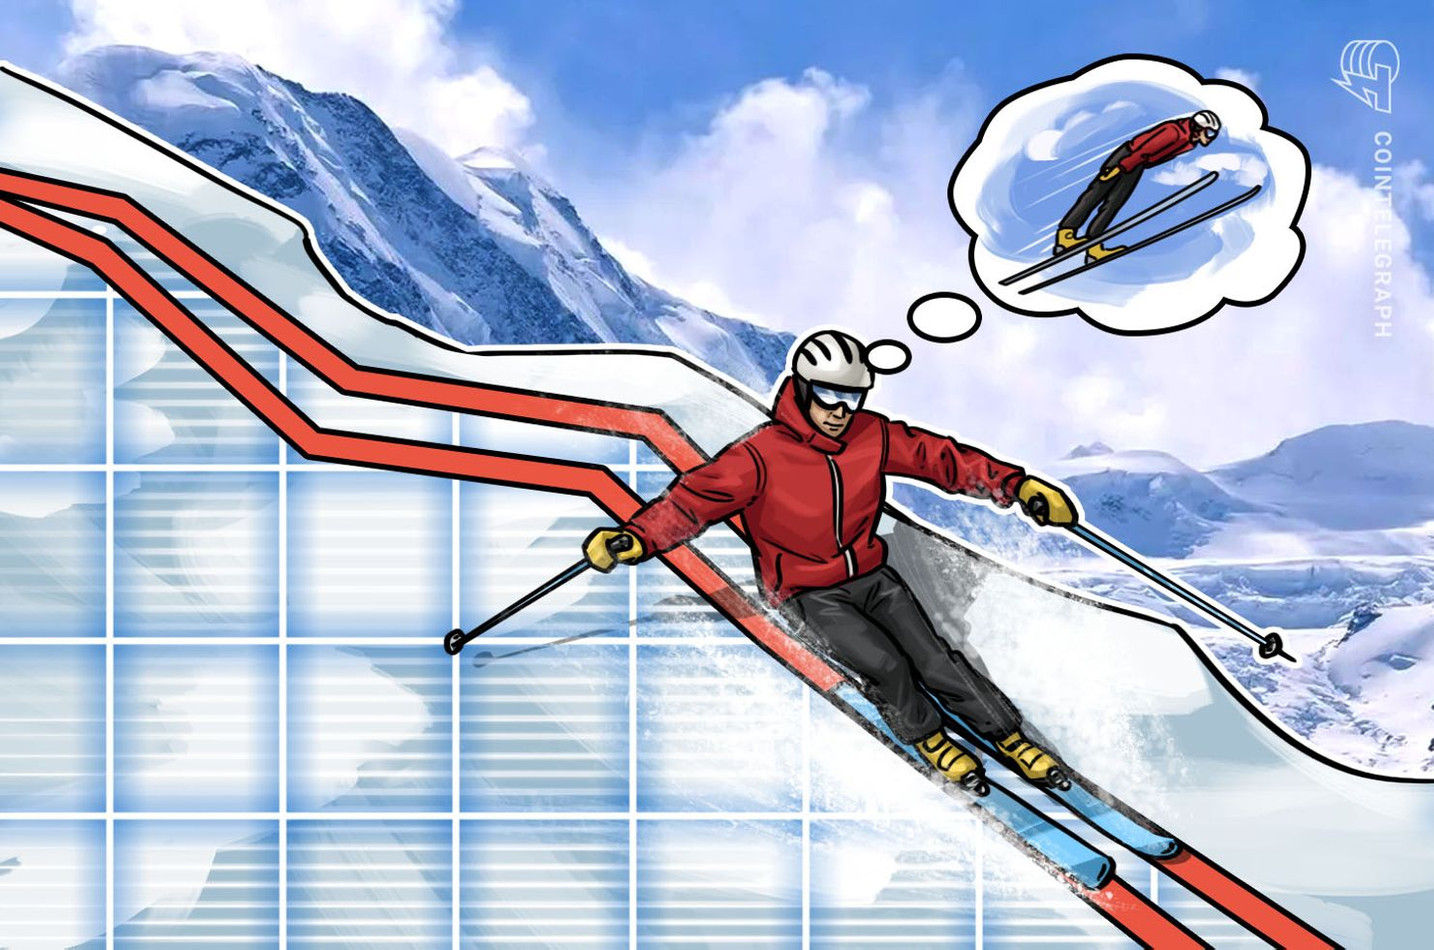 ビットコイン カナダの仮想通貨取引所メンテナンスが重しか | フィデリティのニュースへの反応は限定的